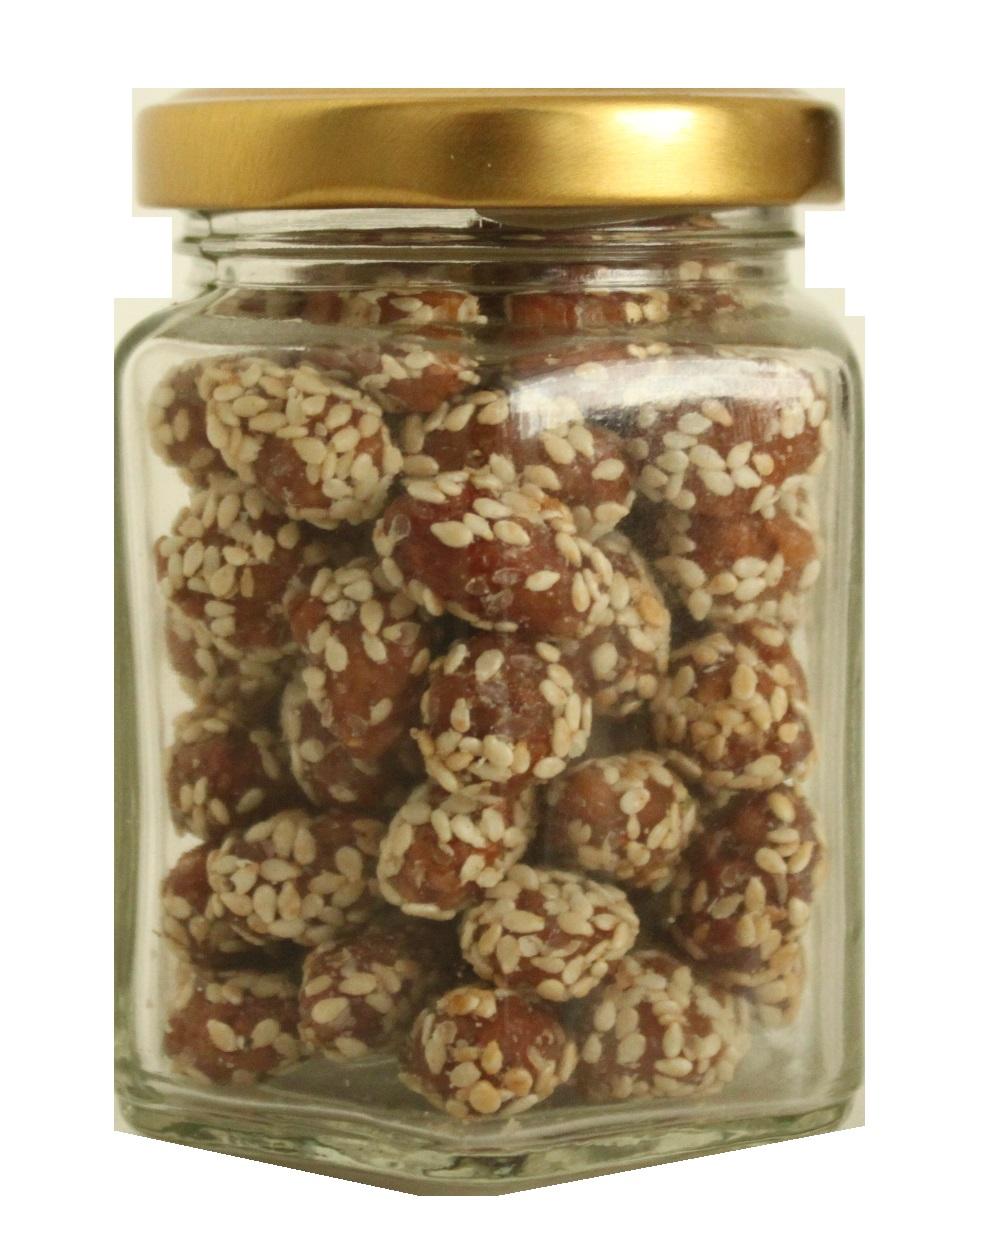 Подарки из орехов, сухофруктов, сладостей в красивой 9